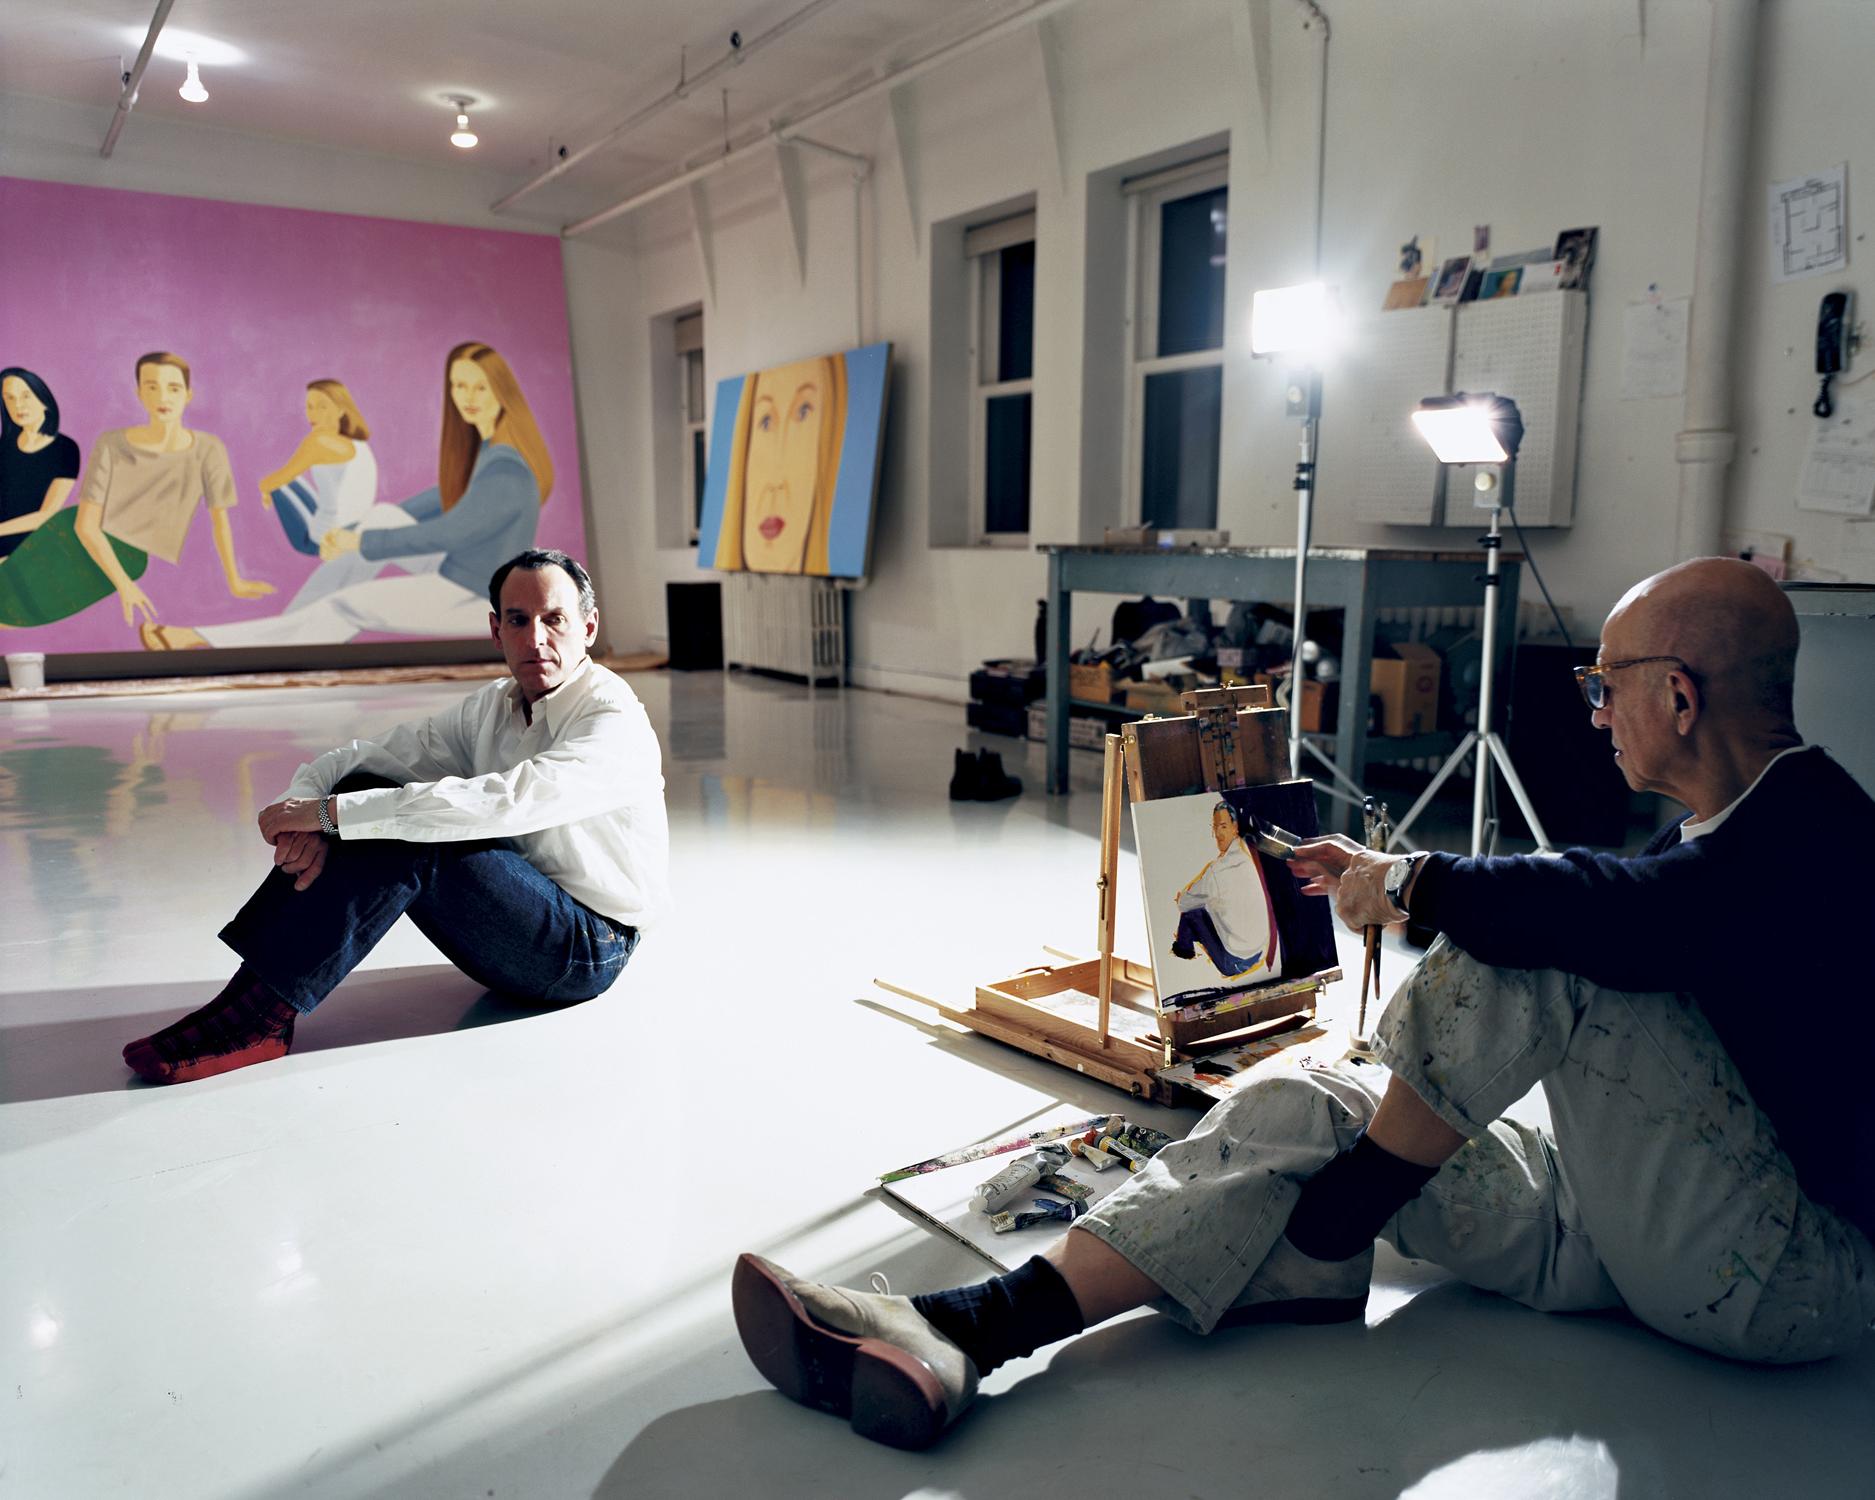 Alex Katz, 2005 New York, New York